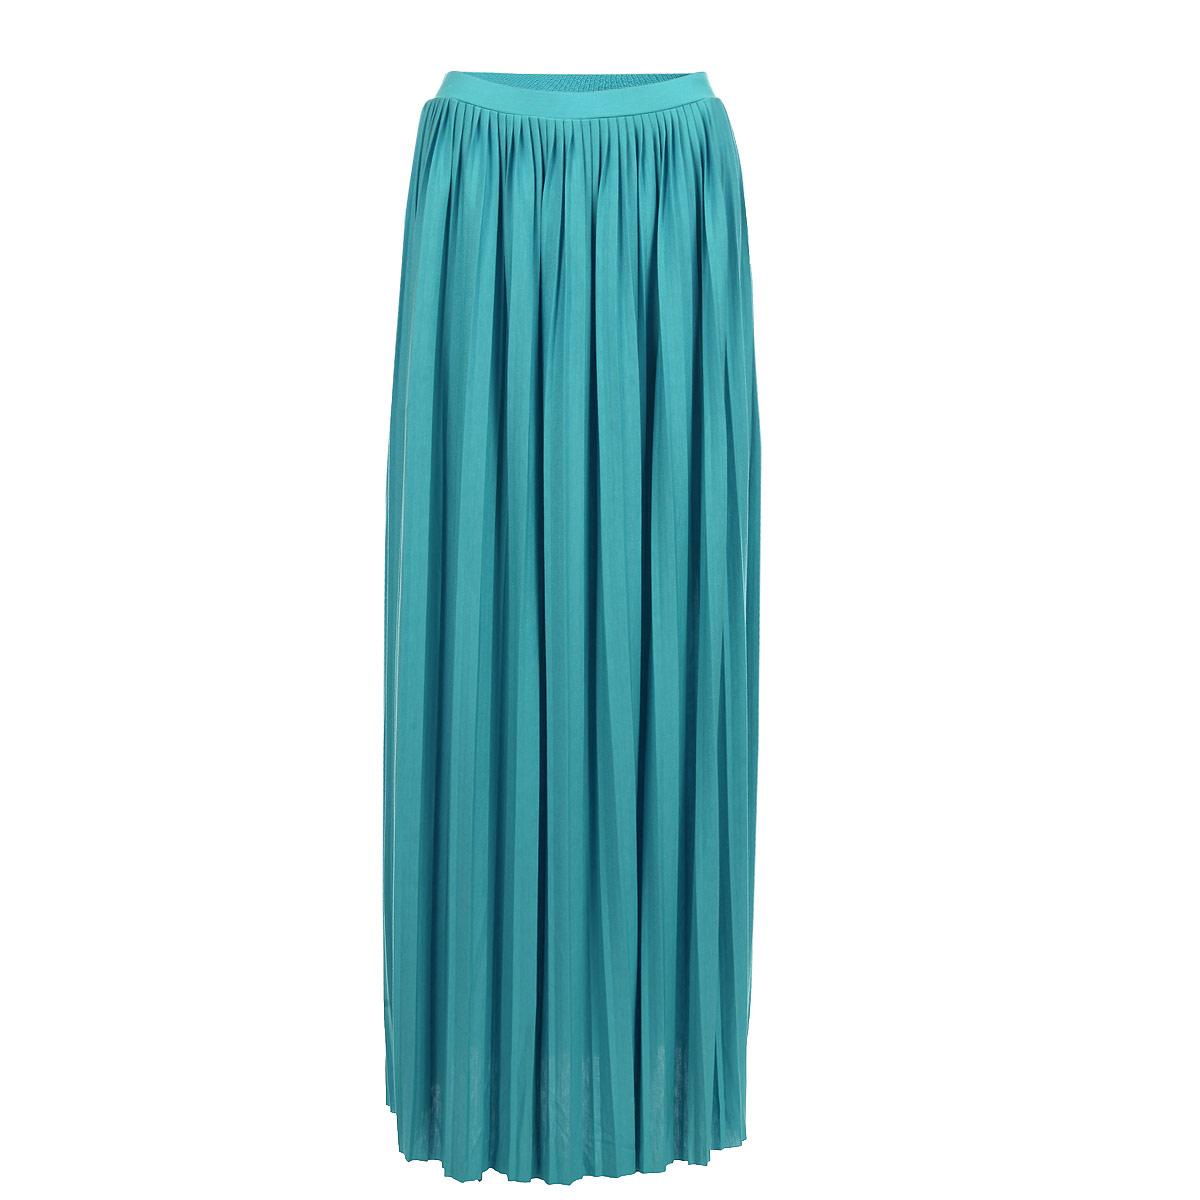 SKk-118/373-5275Яркая юбка-макси Sela выполнена из легкого струящегося и приятного на ощупь полиэстера с добавлением вискозы. Очаровательная юбка плиссе выгодно подчеркнет ваш силуэт, а благодаря однотонной расцветке она прекрасно сочетается с любыми нарядами. Стильная юбка выгодно освежит и разнообразит любой гардероб. Создайте женственный образ и подчеркните свою яркую индивидуальность!